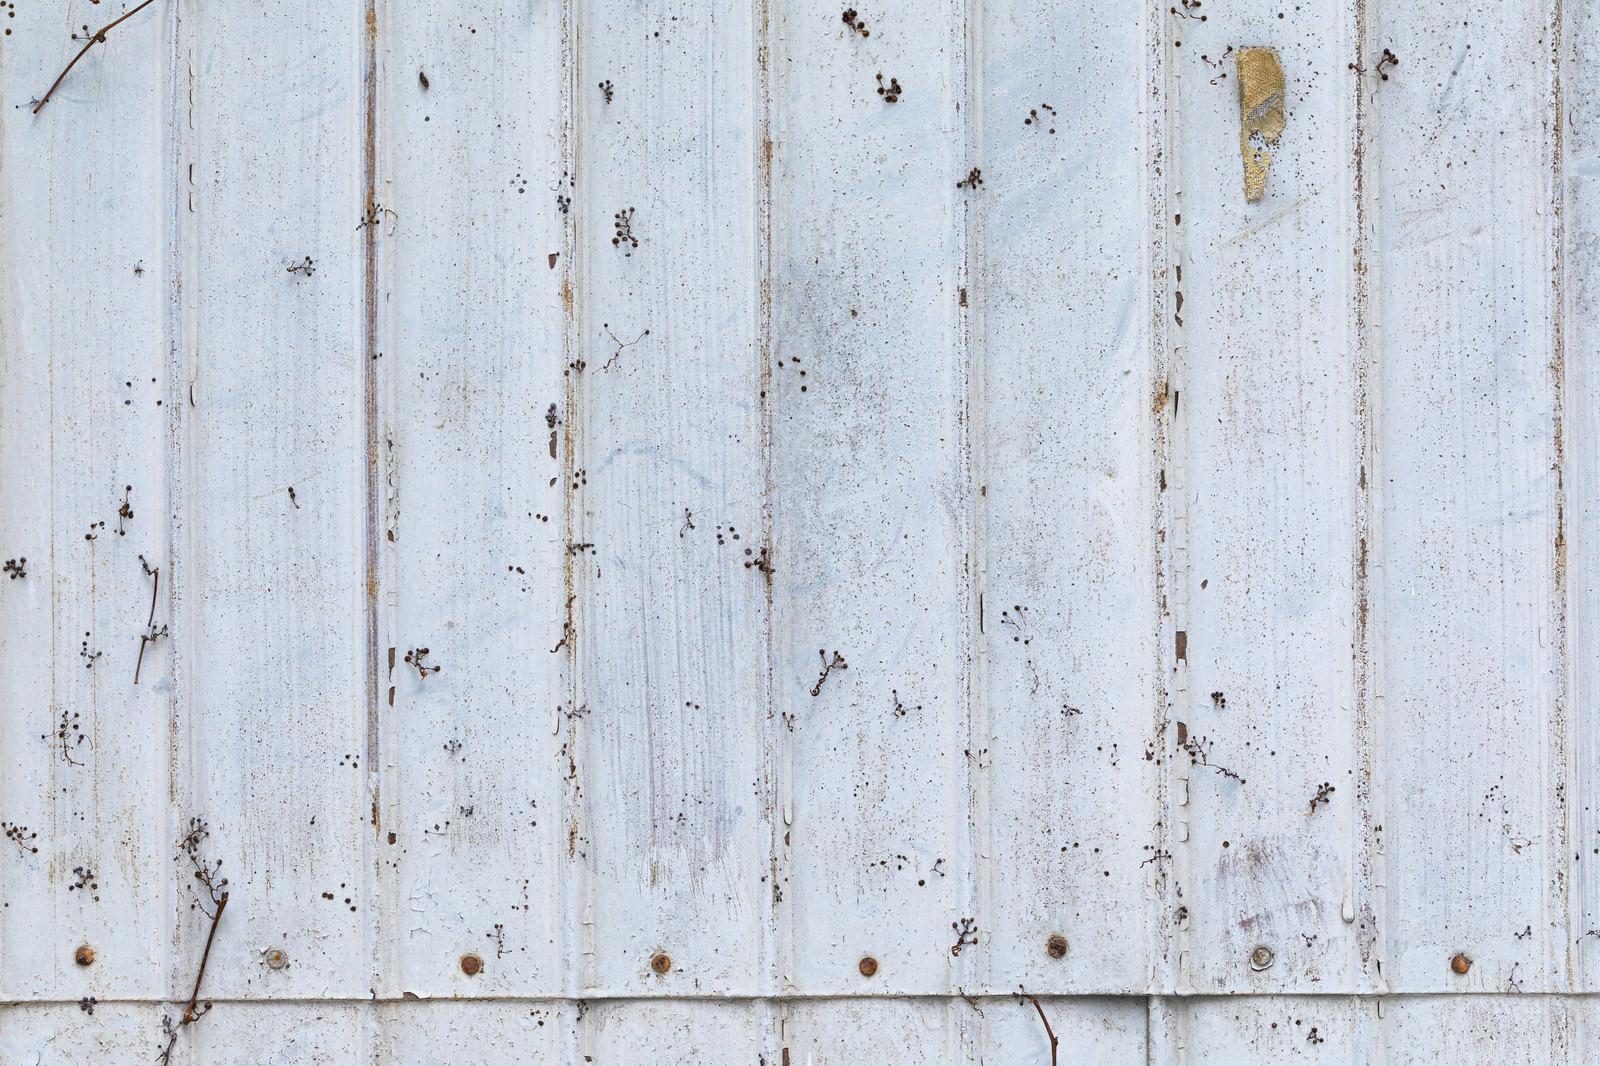 「錆びてペンキを上塗りしたトタンの壁」の写真